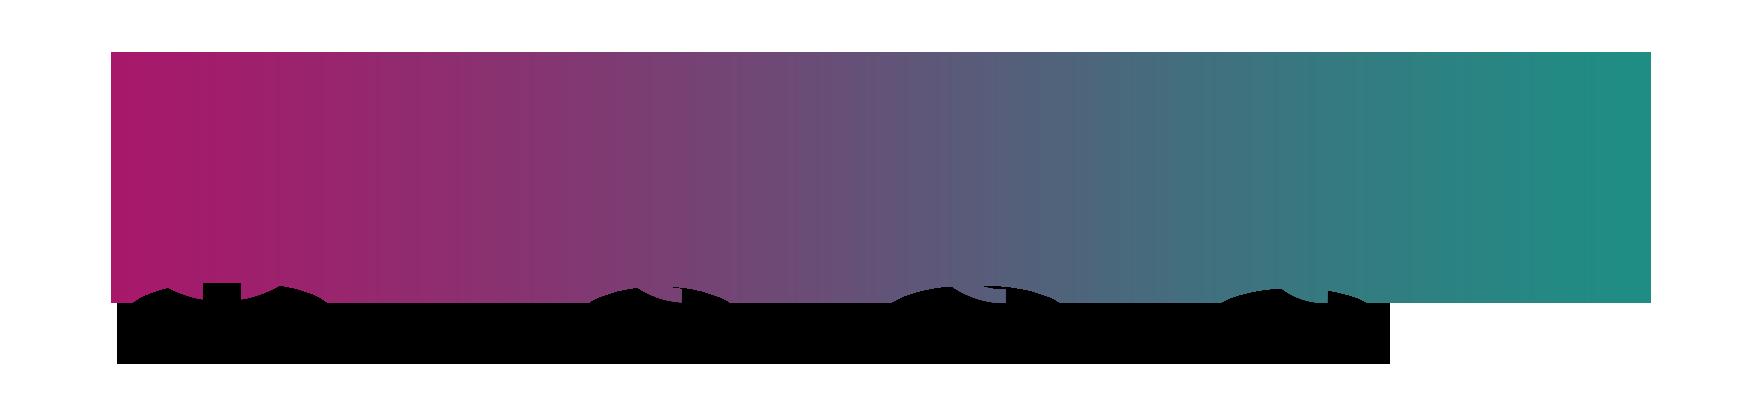 Mimoilus logo